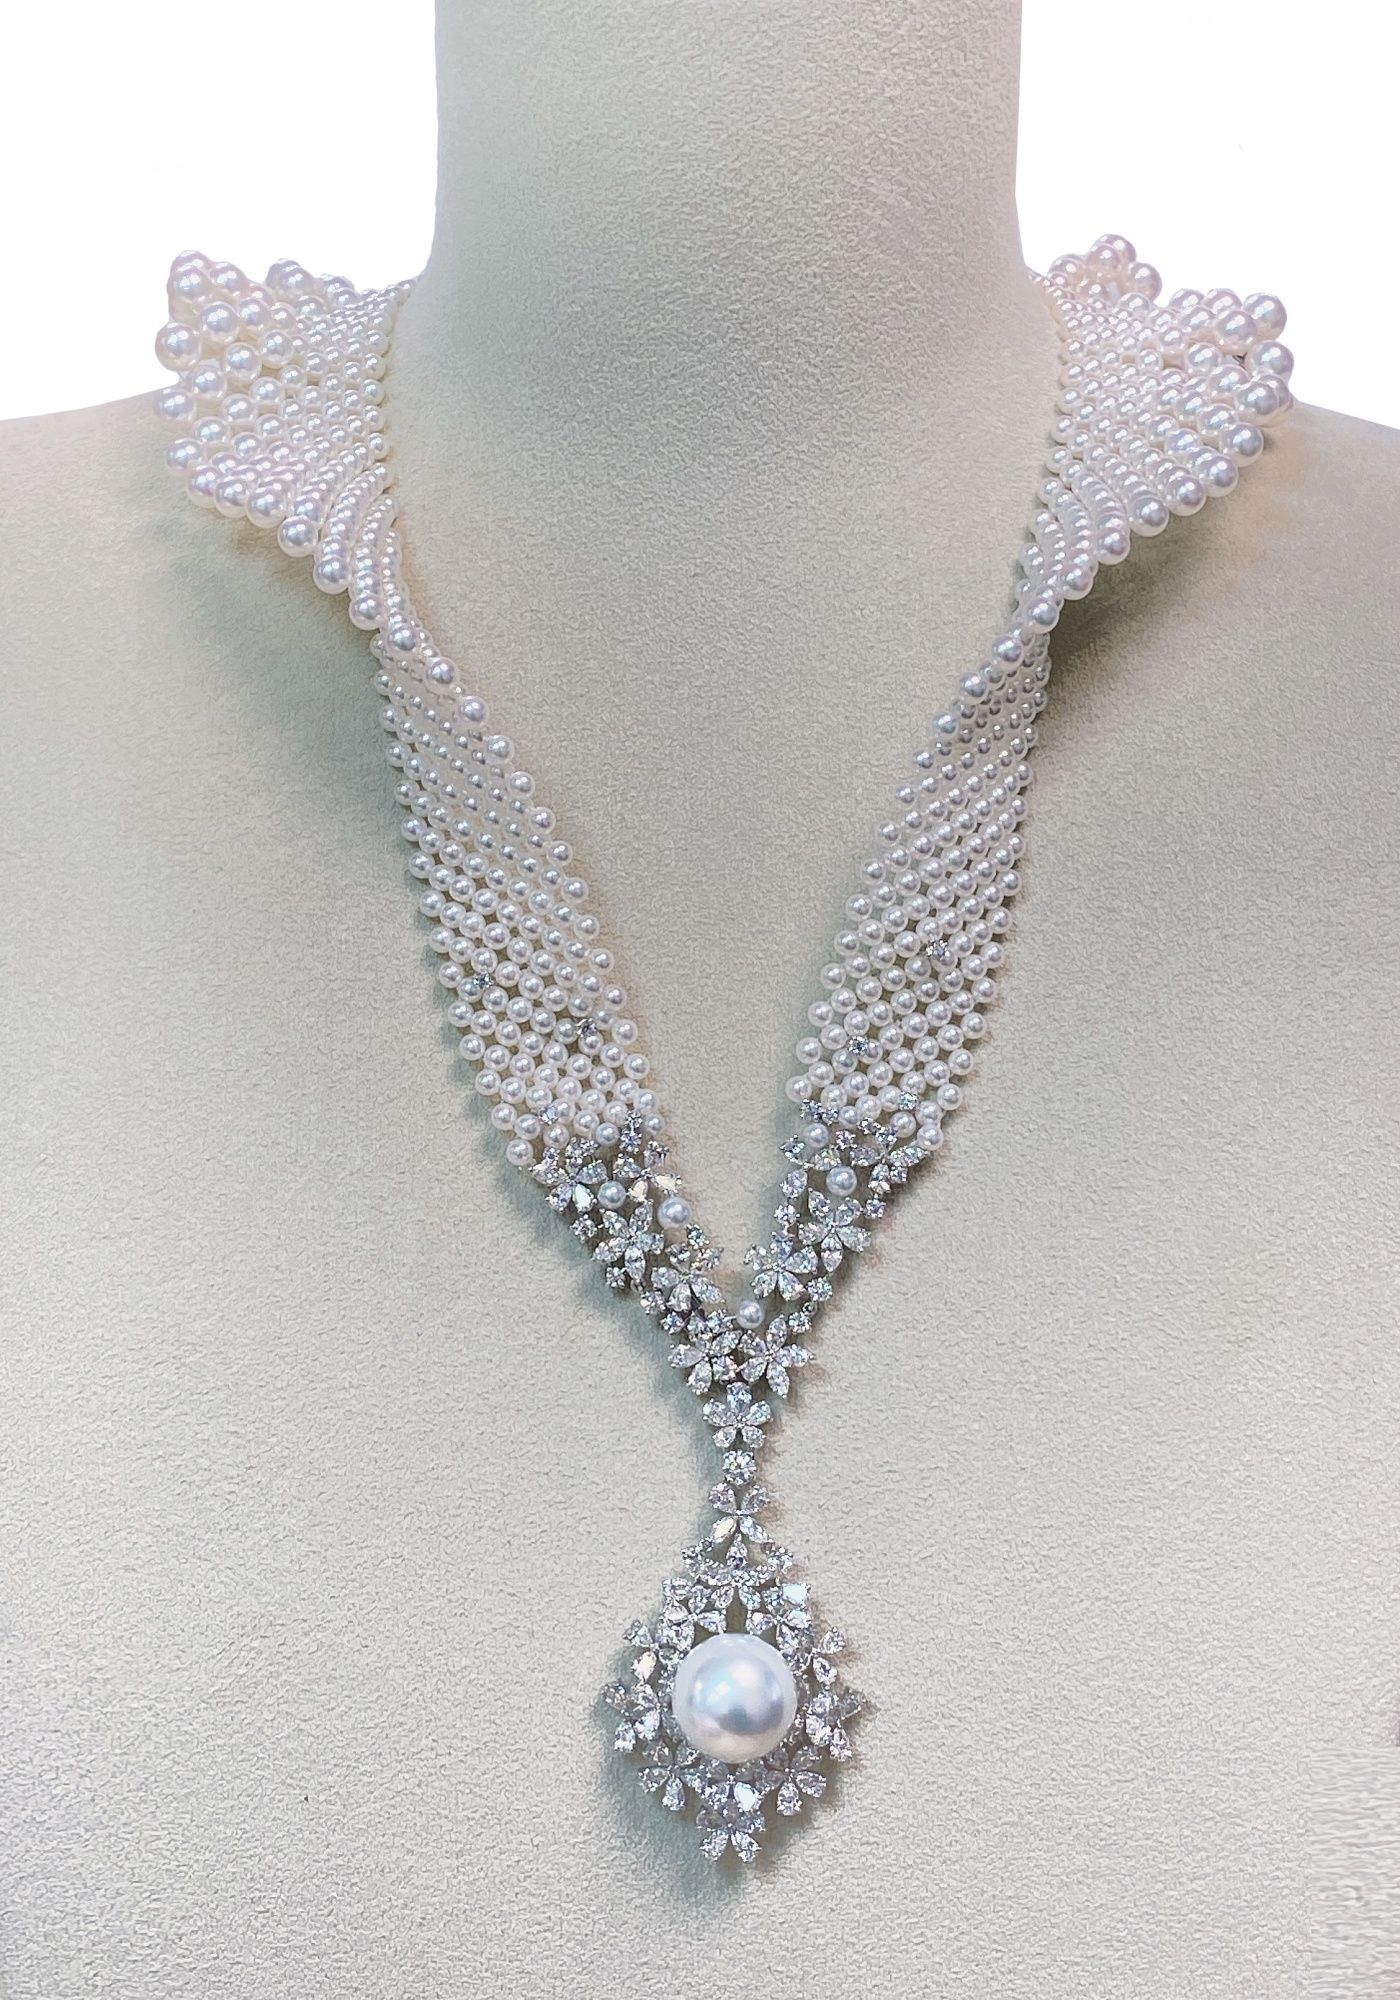 珍珠鑽石立領造型墜鍊,參考價格 NT$4,590,000